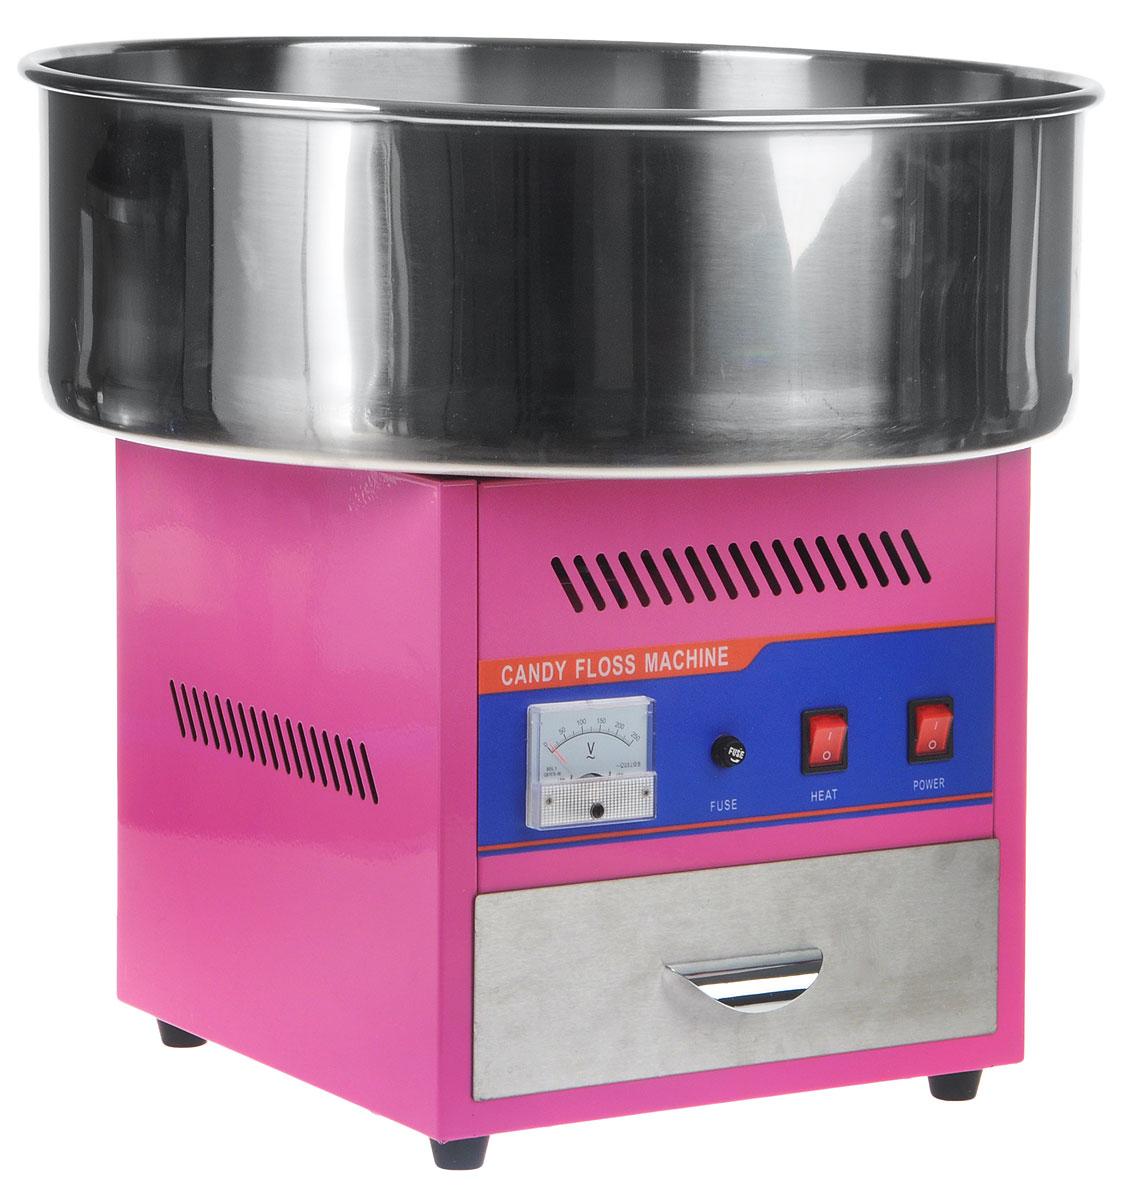 GASTRORAG HEC-01 аппарат для сахарной ватыHEC-01Аппарат для сахарной ваты GASTRORAG HEC-01 электрический, производительность до 3 кг/ч, ловитель из нерж.стали диаметром 520 мм, рабочая головка с ТЭНом, терморегулятор, вольтметр, ящик для сахара и ароматизаторов, мерная ложка в комплекте